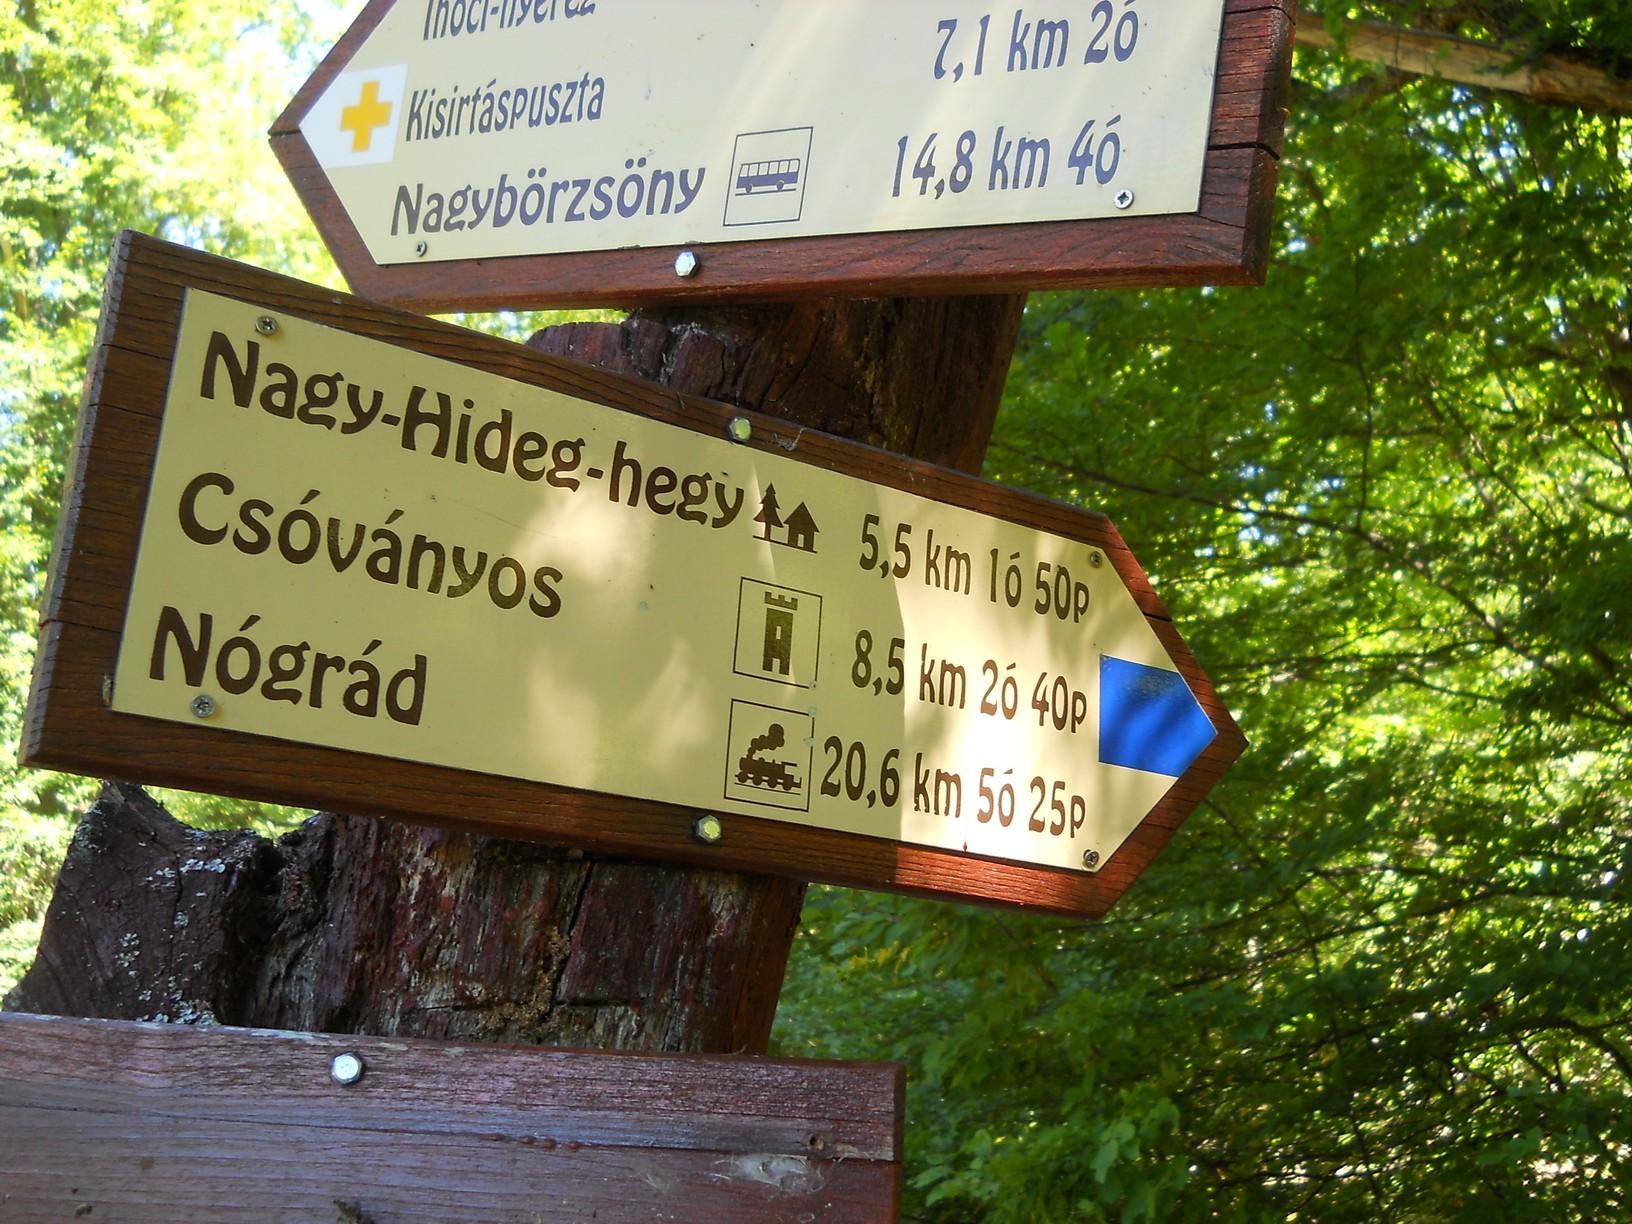 Hosszú, fárasztó kaptató kezdődik a Nagy-Hideg-hegyre: a 320 méter magasan fekvő kisinóci turistaháztól 850 méter magasra kell felkapaszkodni egy alig több mint öt kilométeres úton